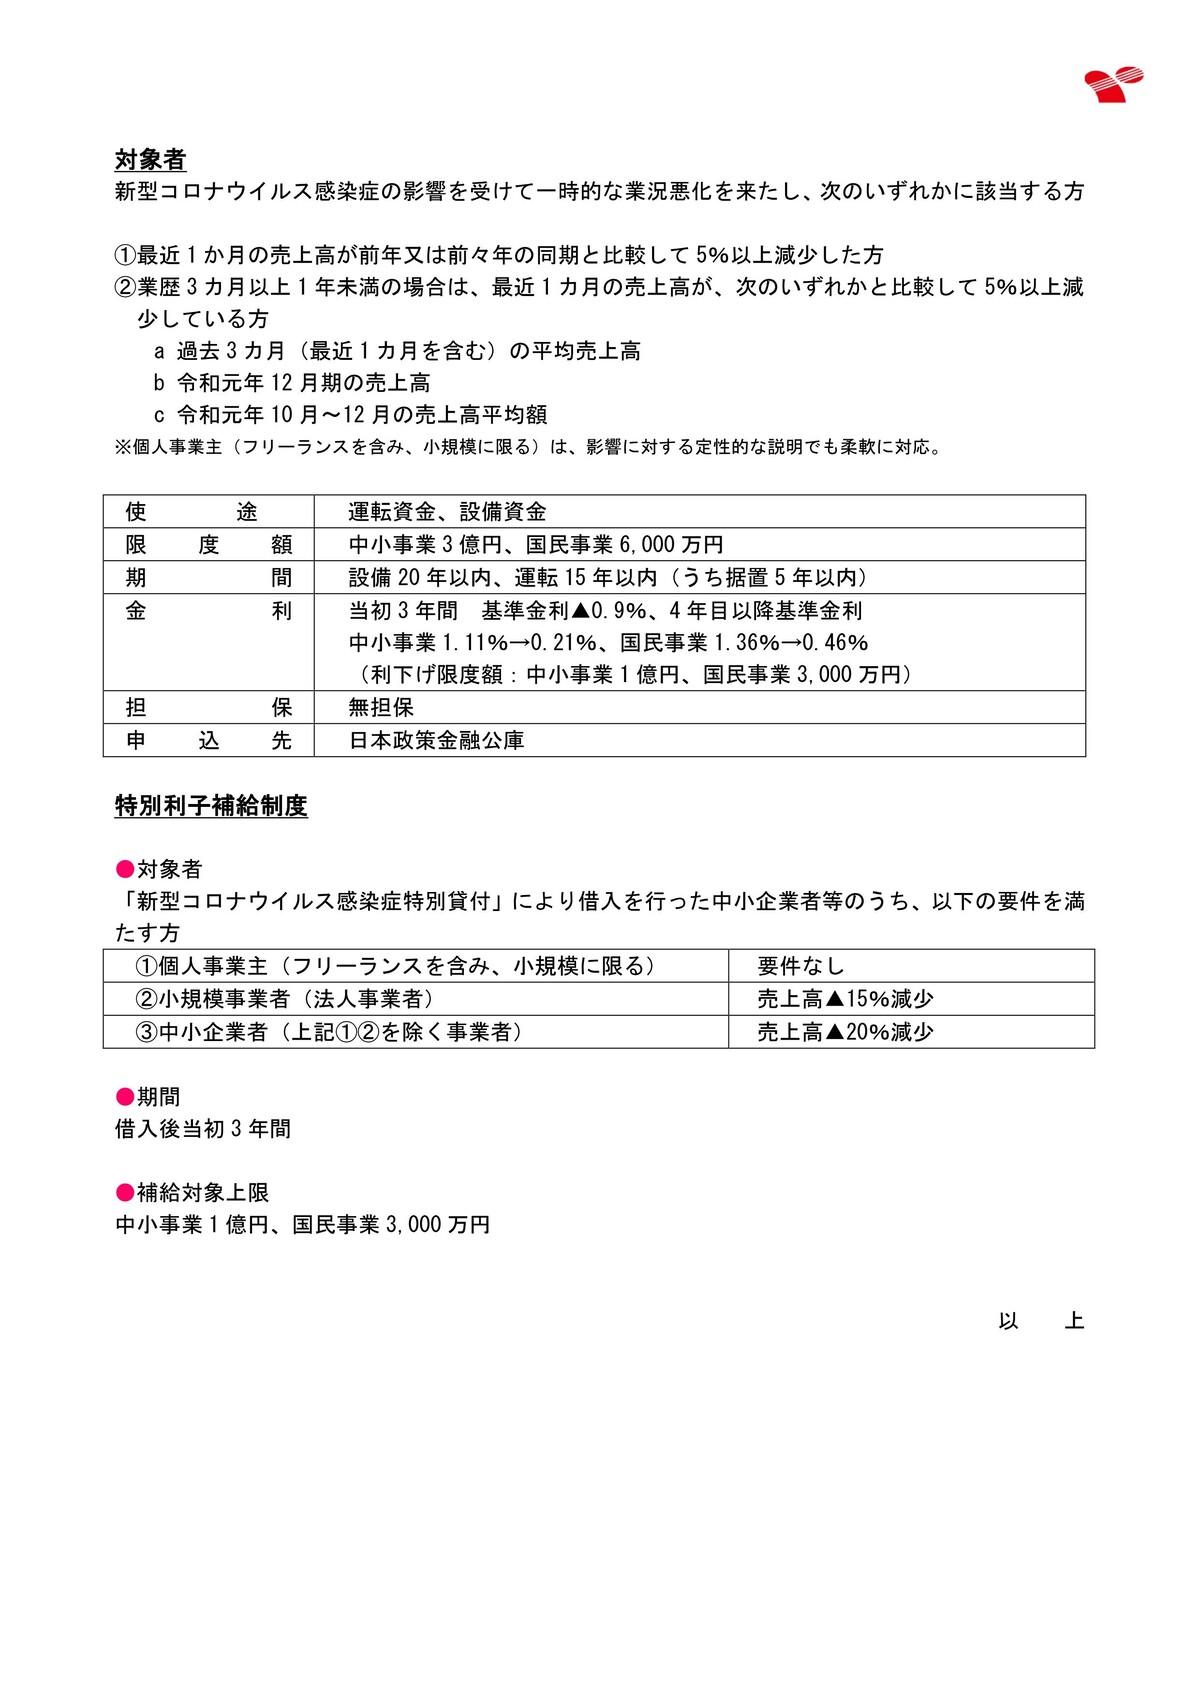 200417_shien200410_03